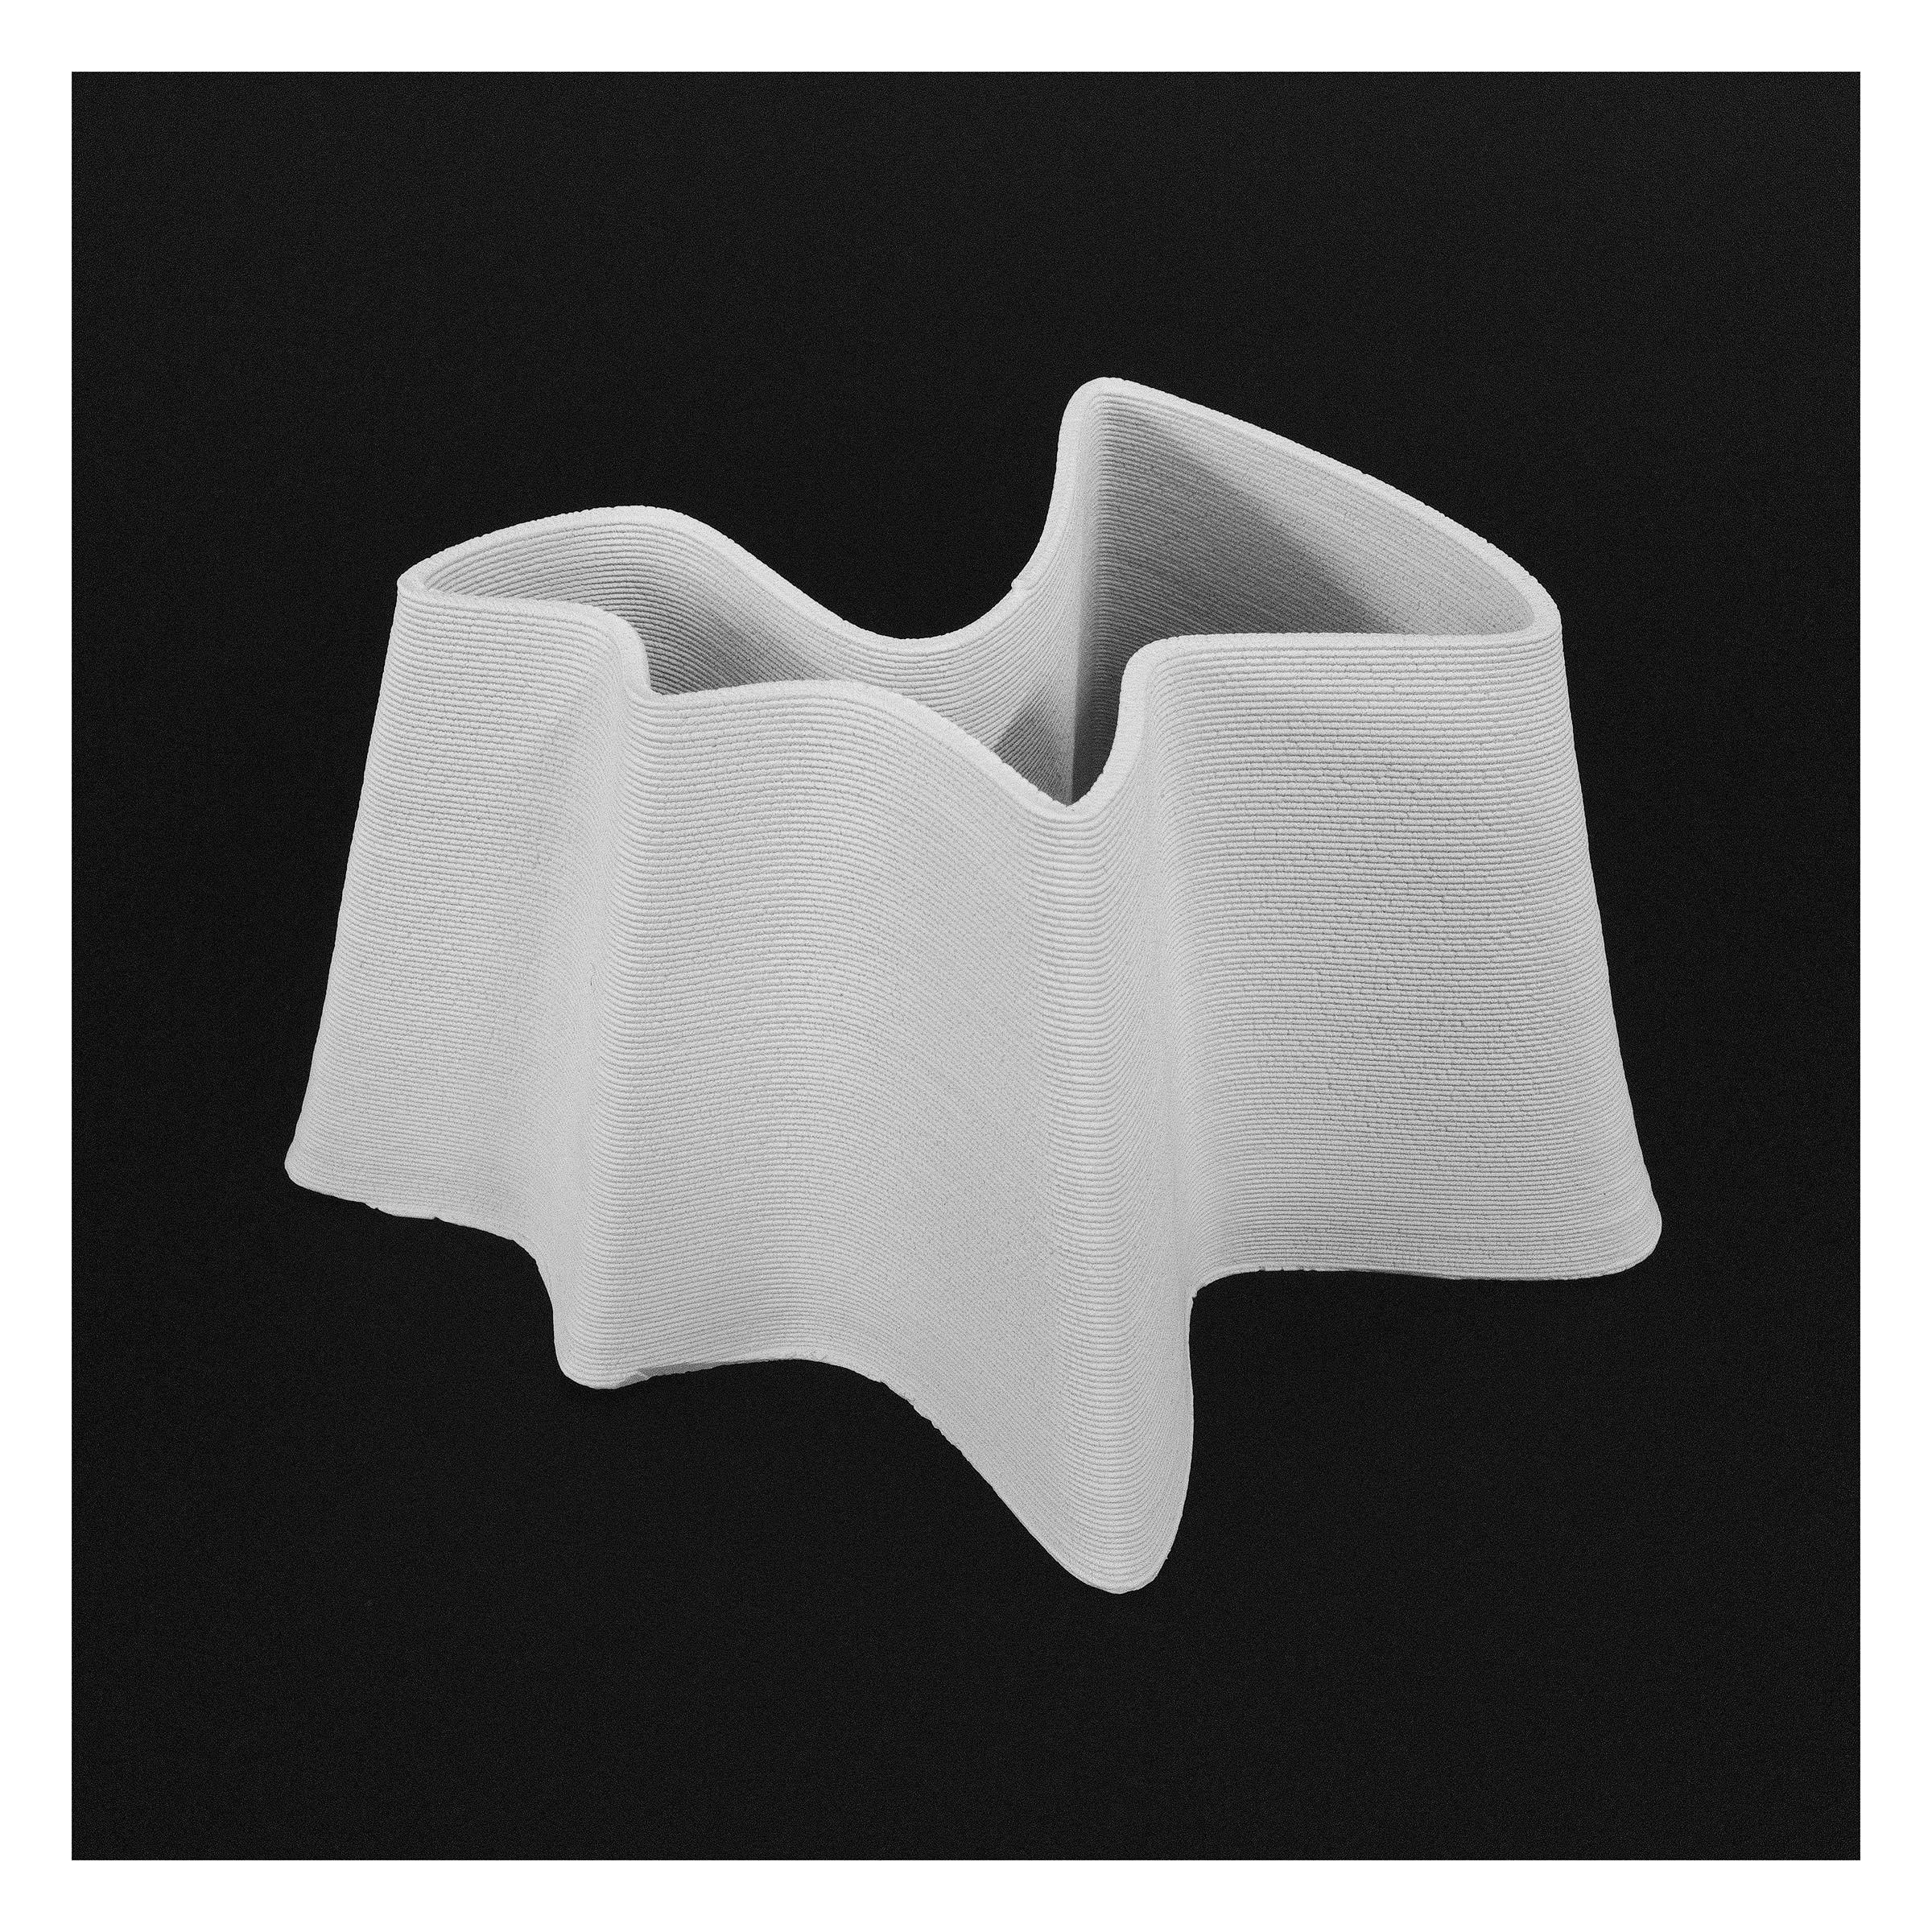 3D Printed Ceramic Pot